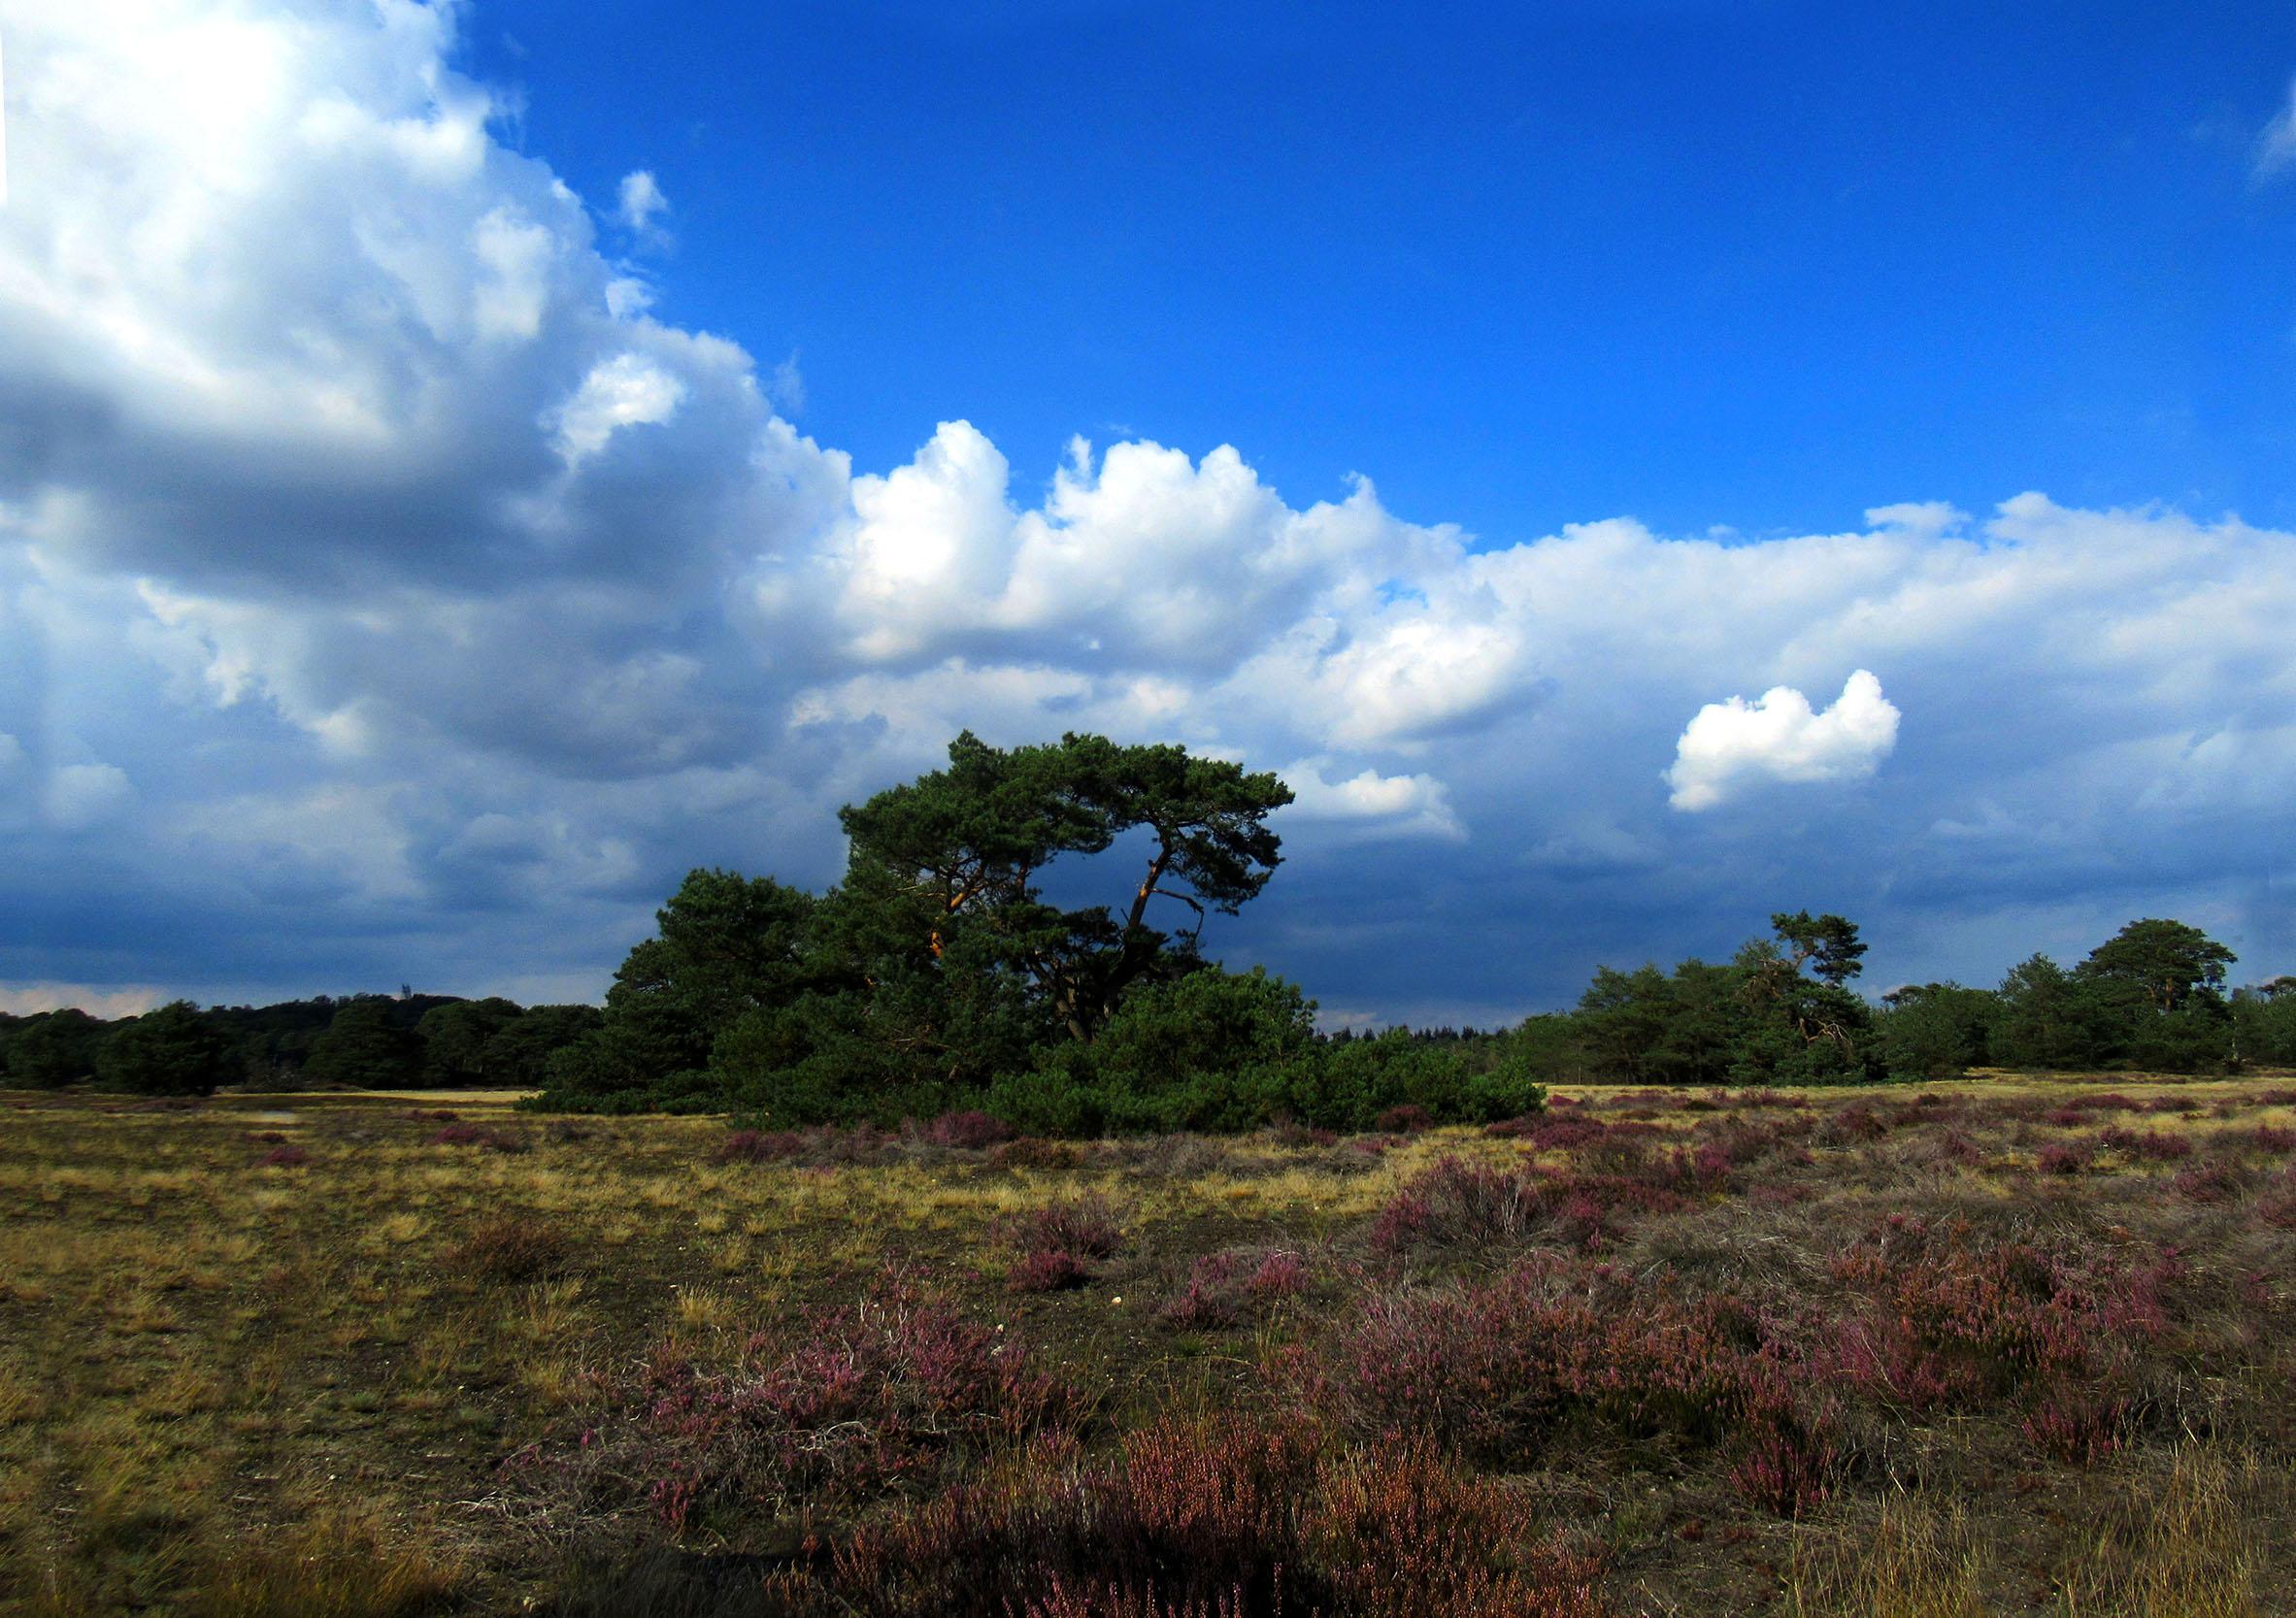 Prachtige wolkenluchten die langs een helderblauwe hemelvoorbij schoven – Foto: ©Fransien Fraanje